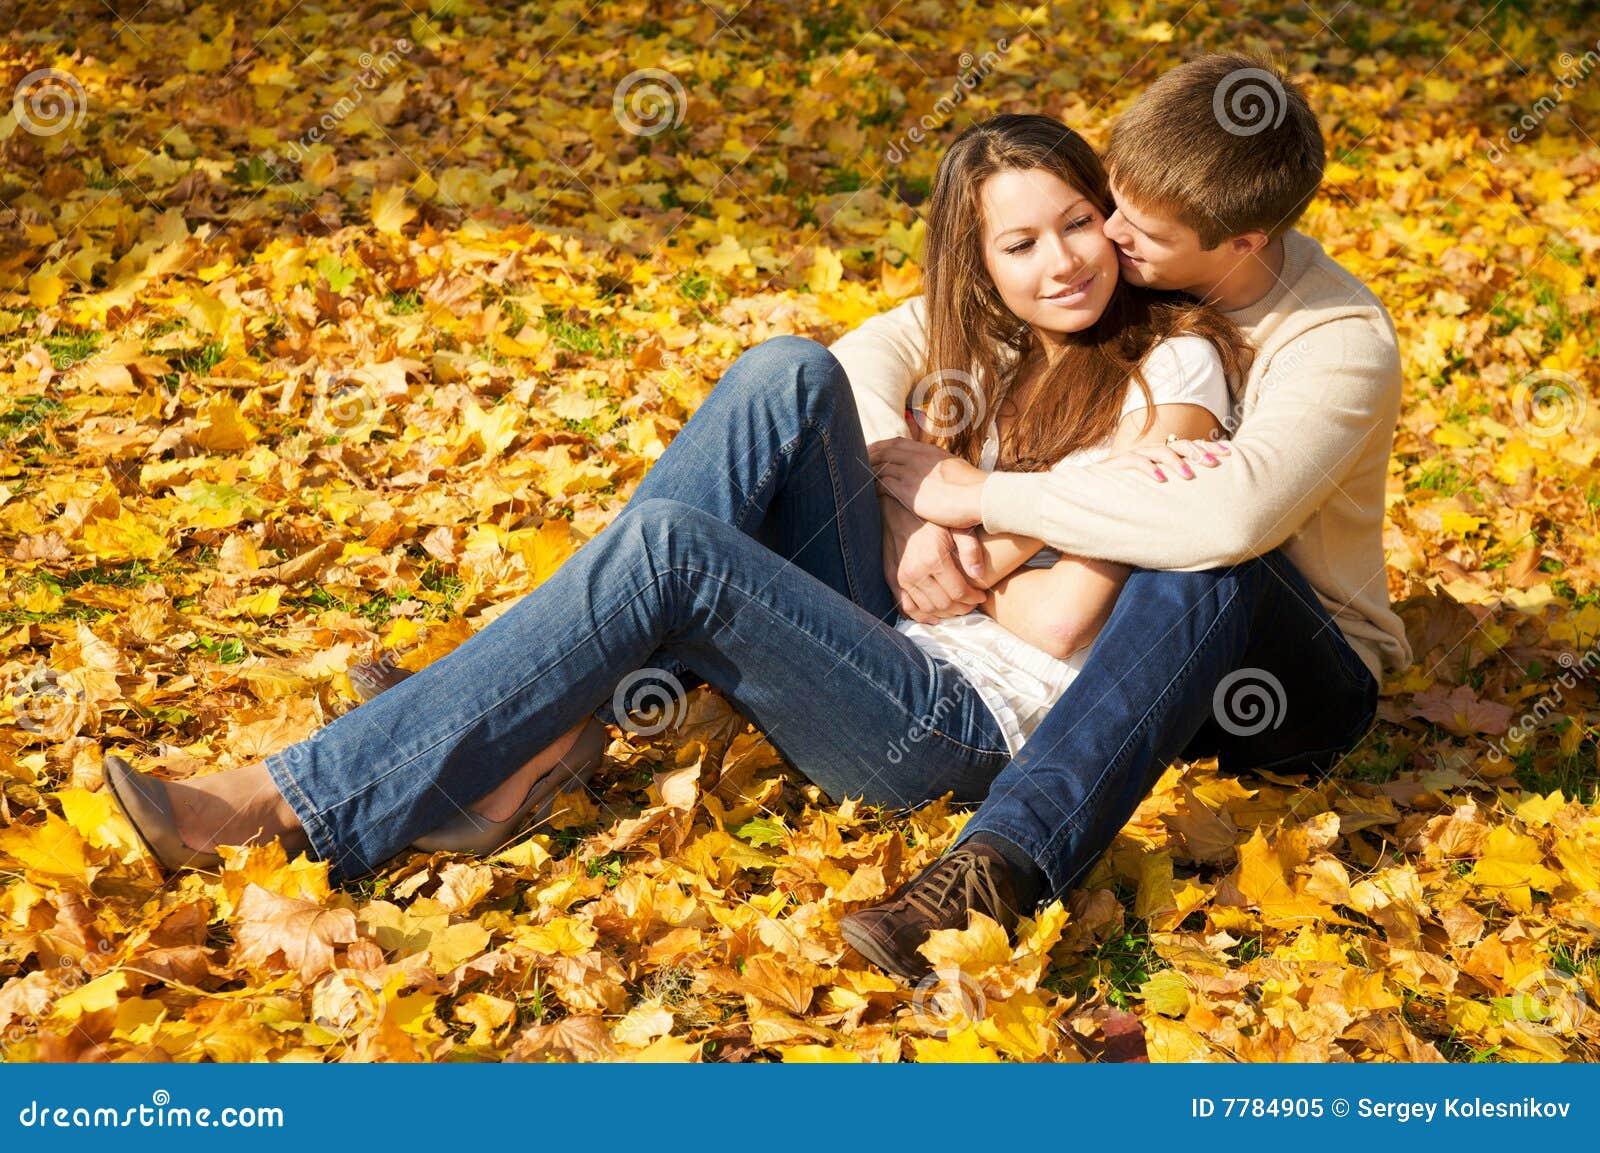 Фото девушек с молодым человеком 8 фотография